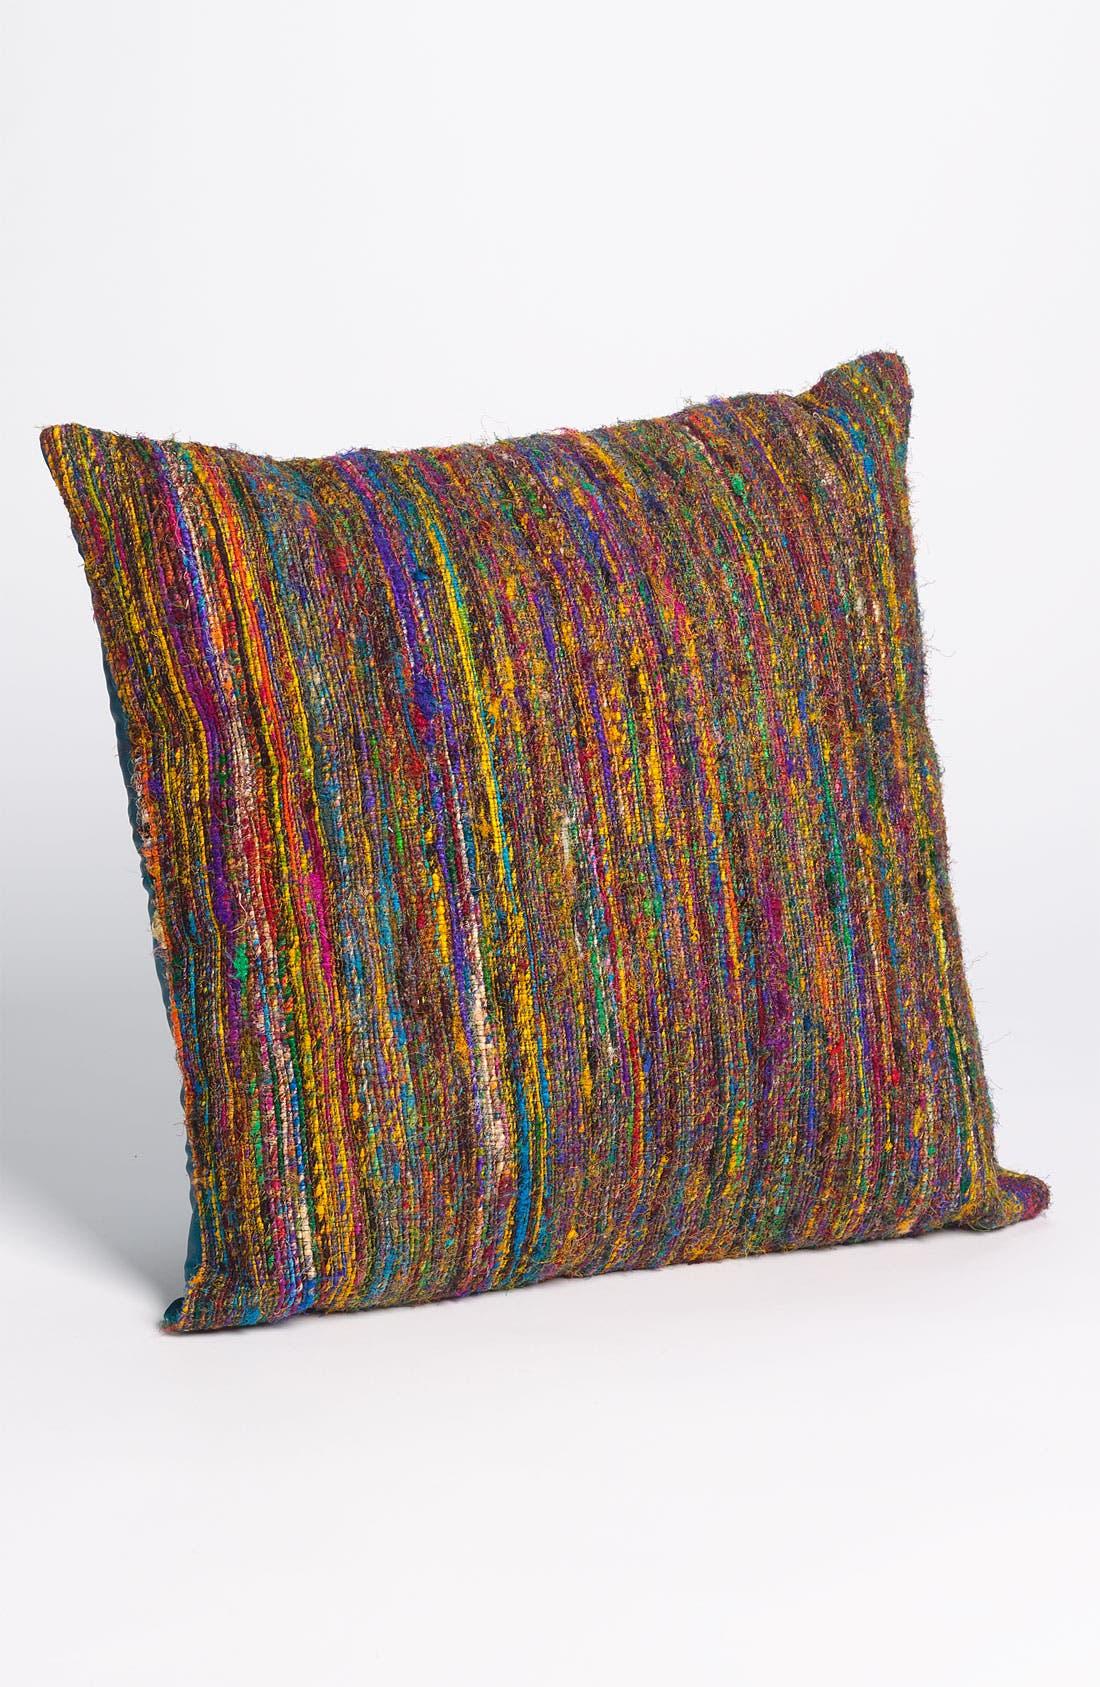 Main Image - Mina Victory 'Sari' Pillow